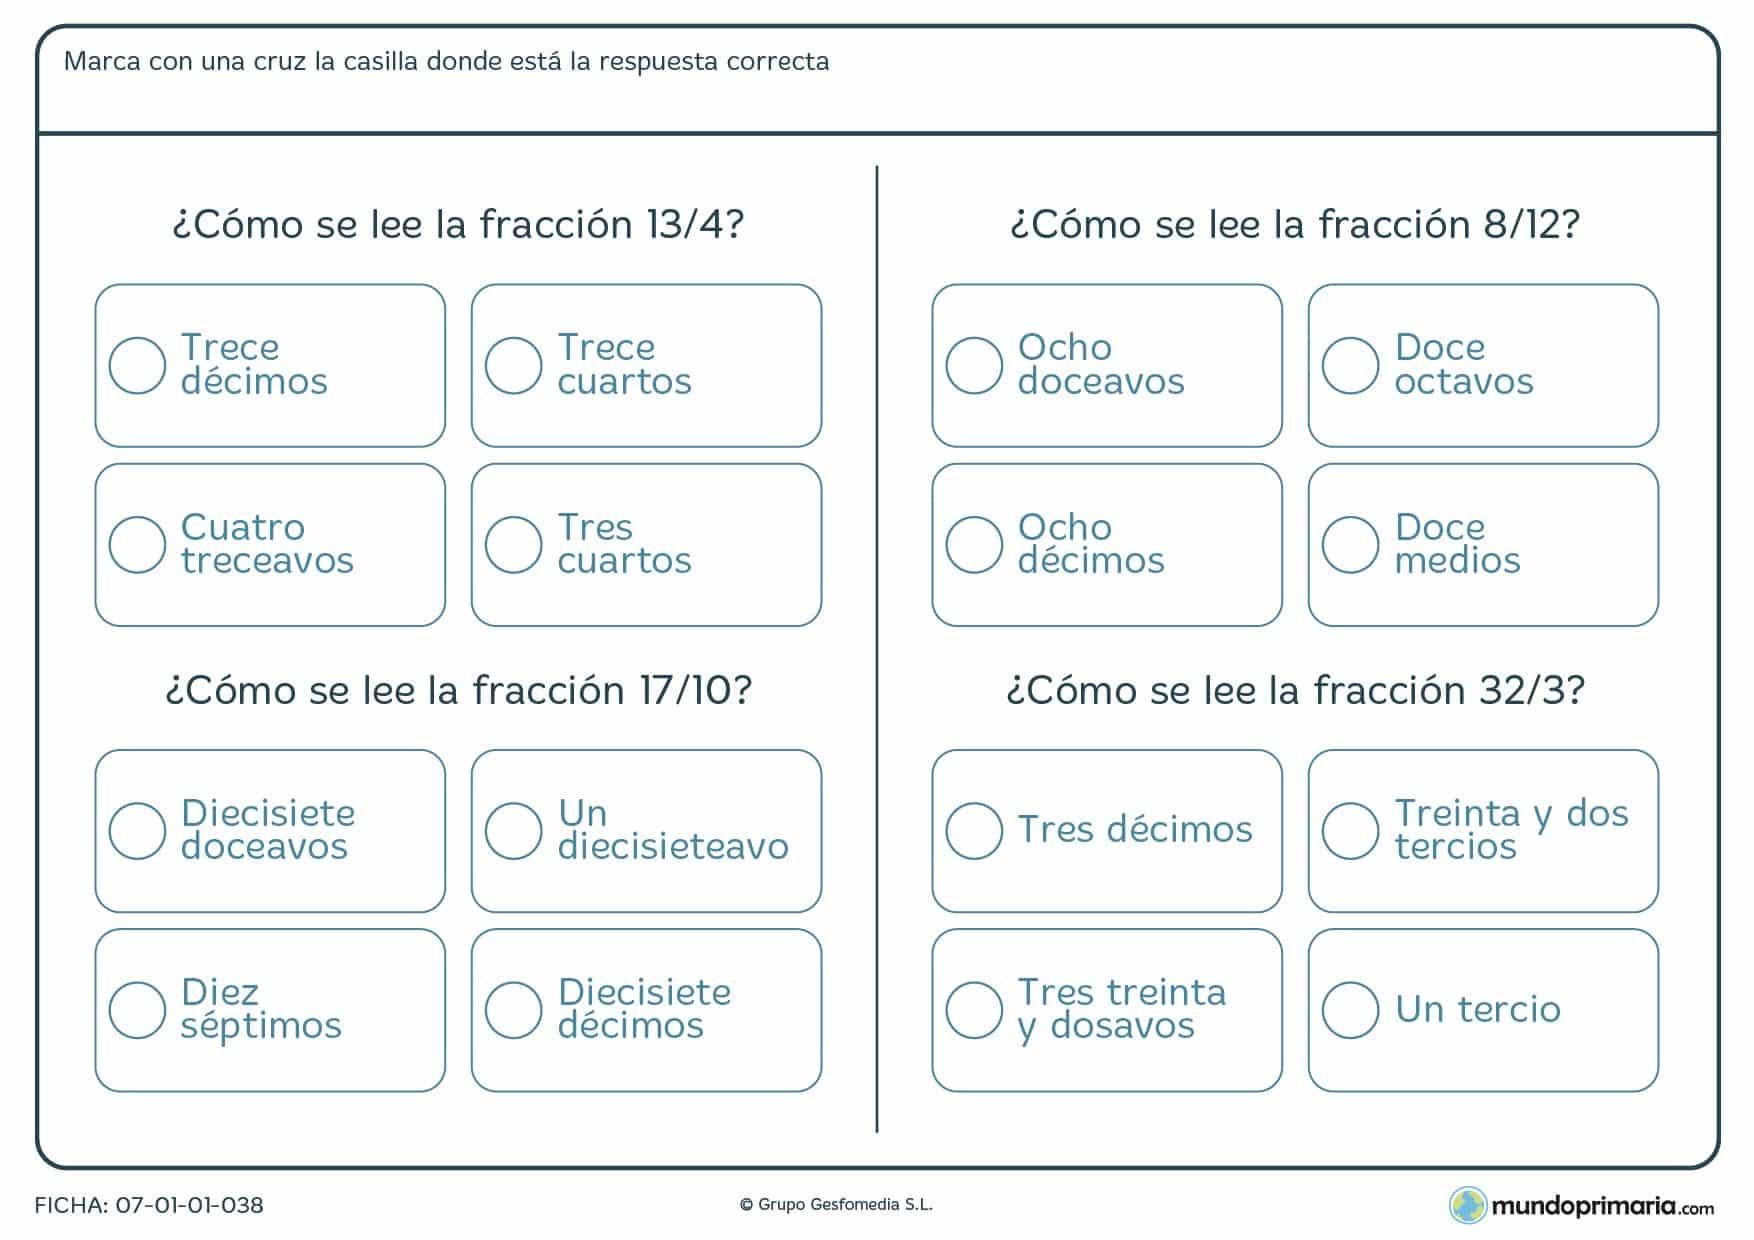 Ficha de leer las franciones para alumnos de 6º de Primaria de números